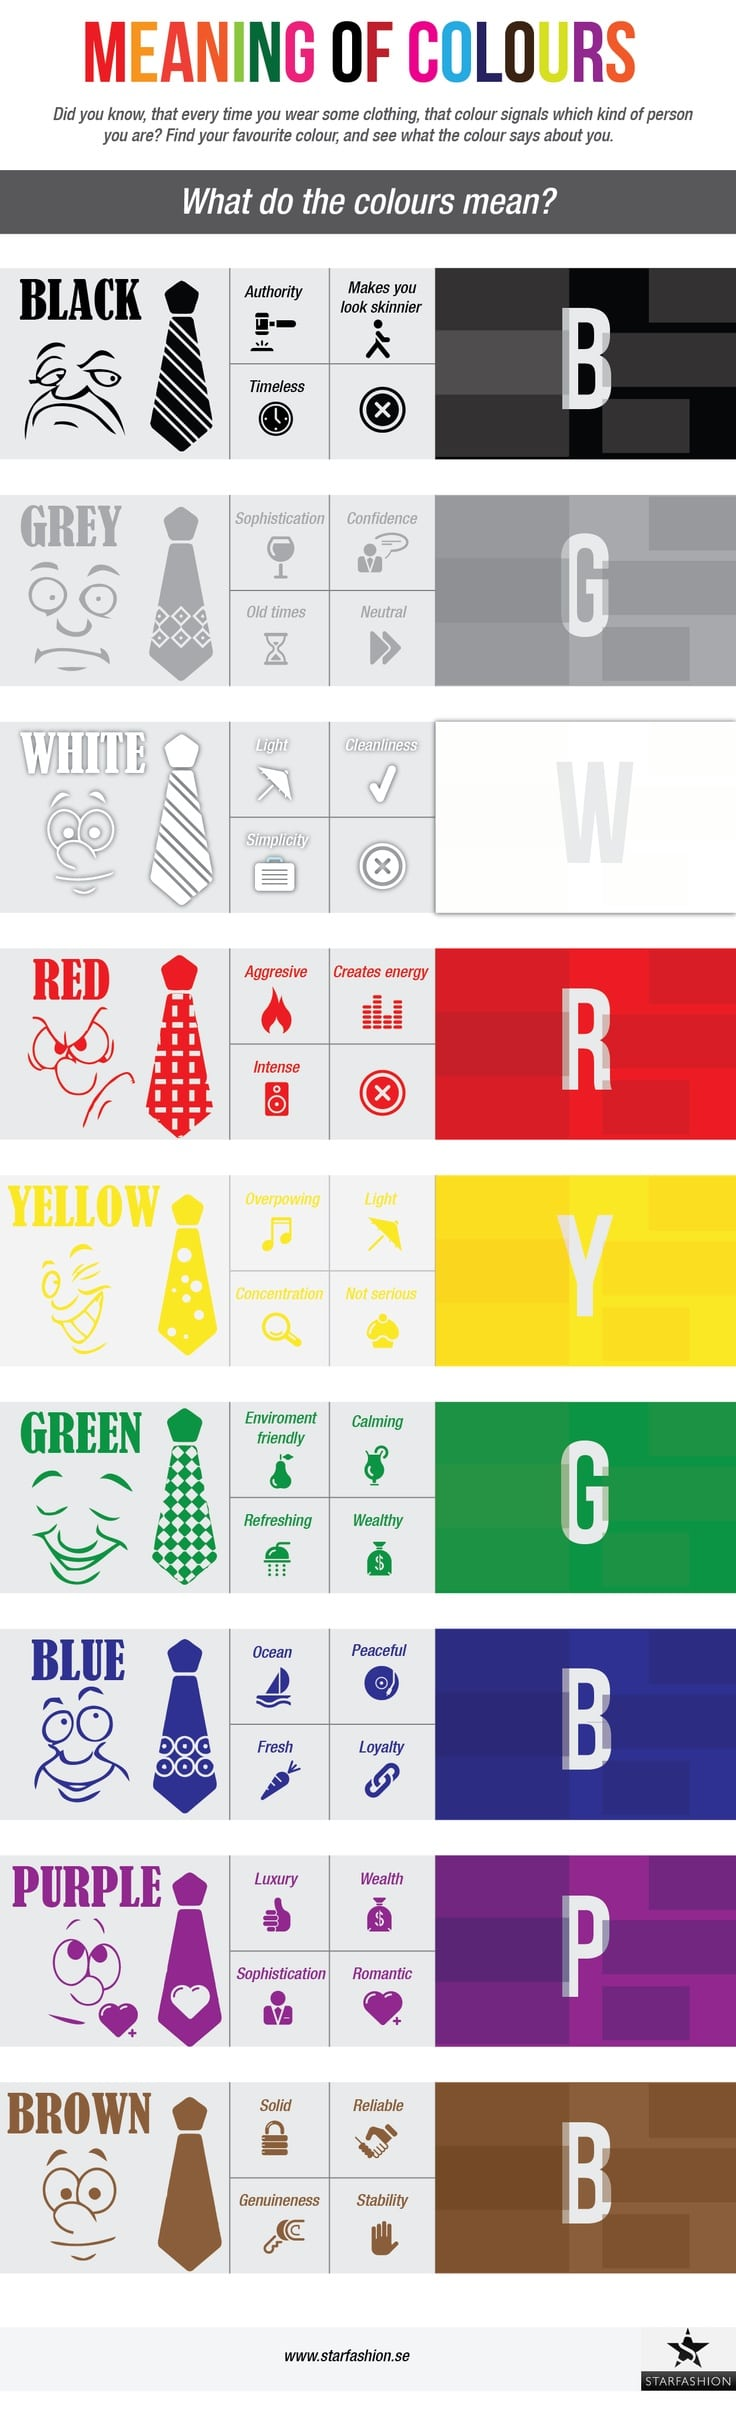 Ce que la couleur de vos vêtements indique au sujet de votre personnalité